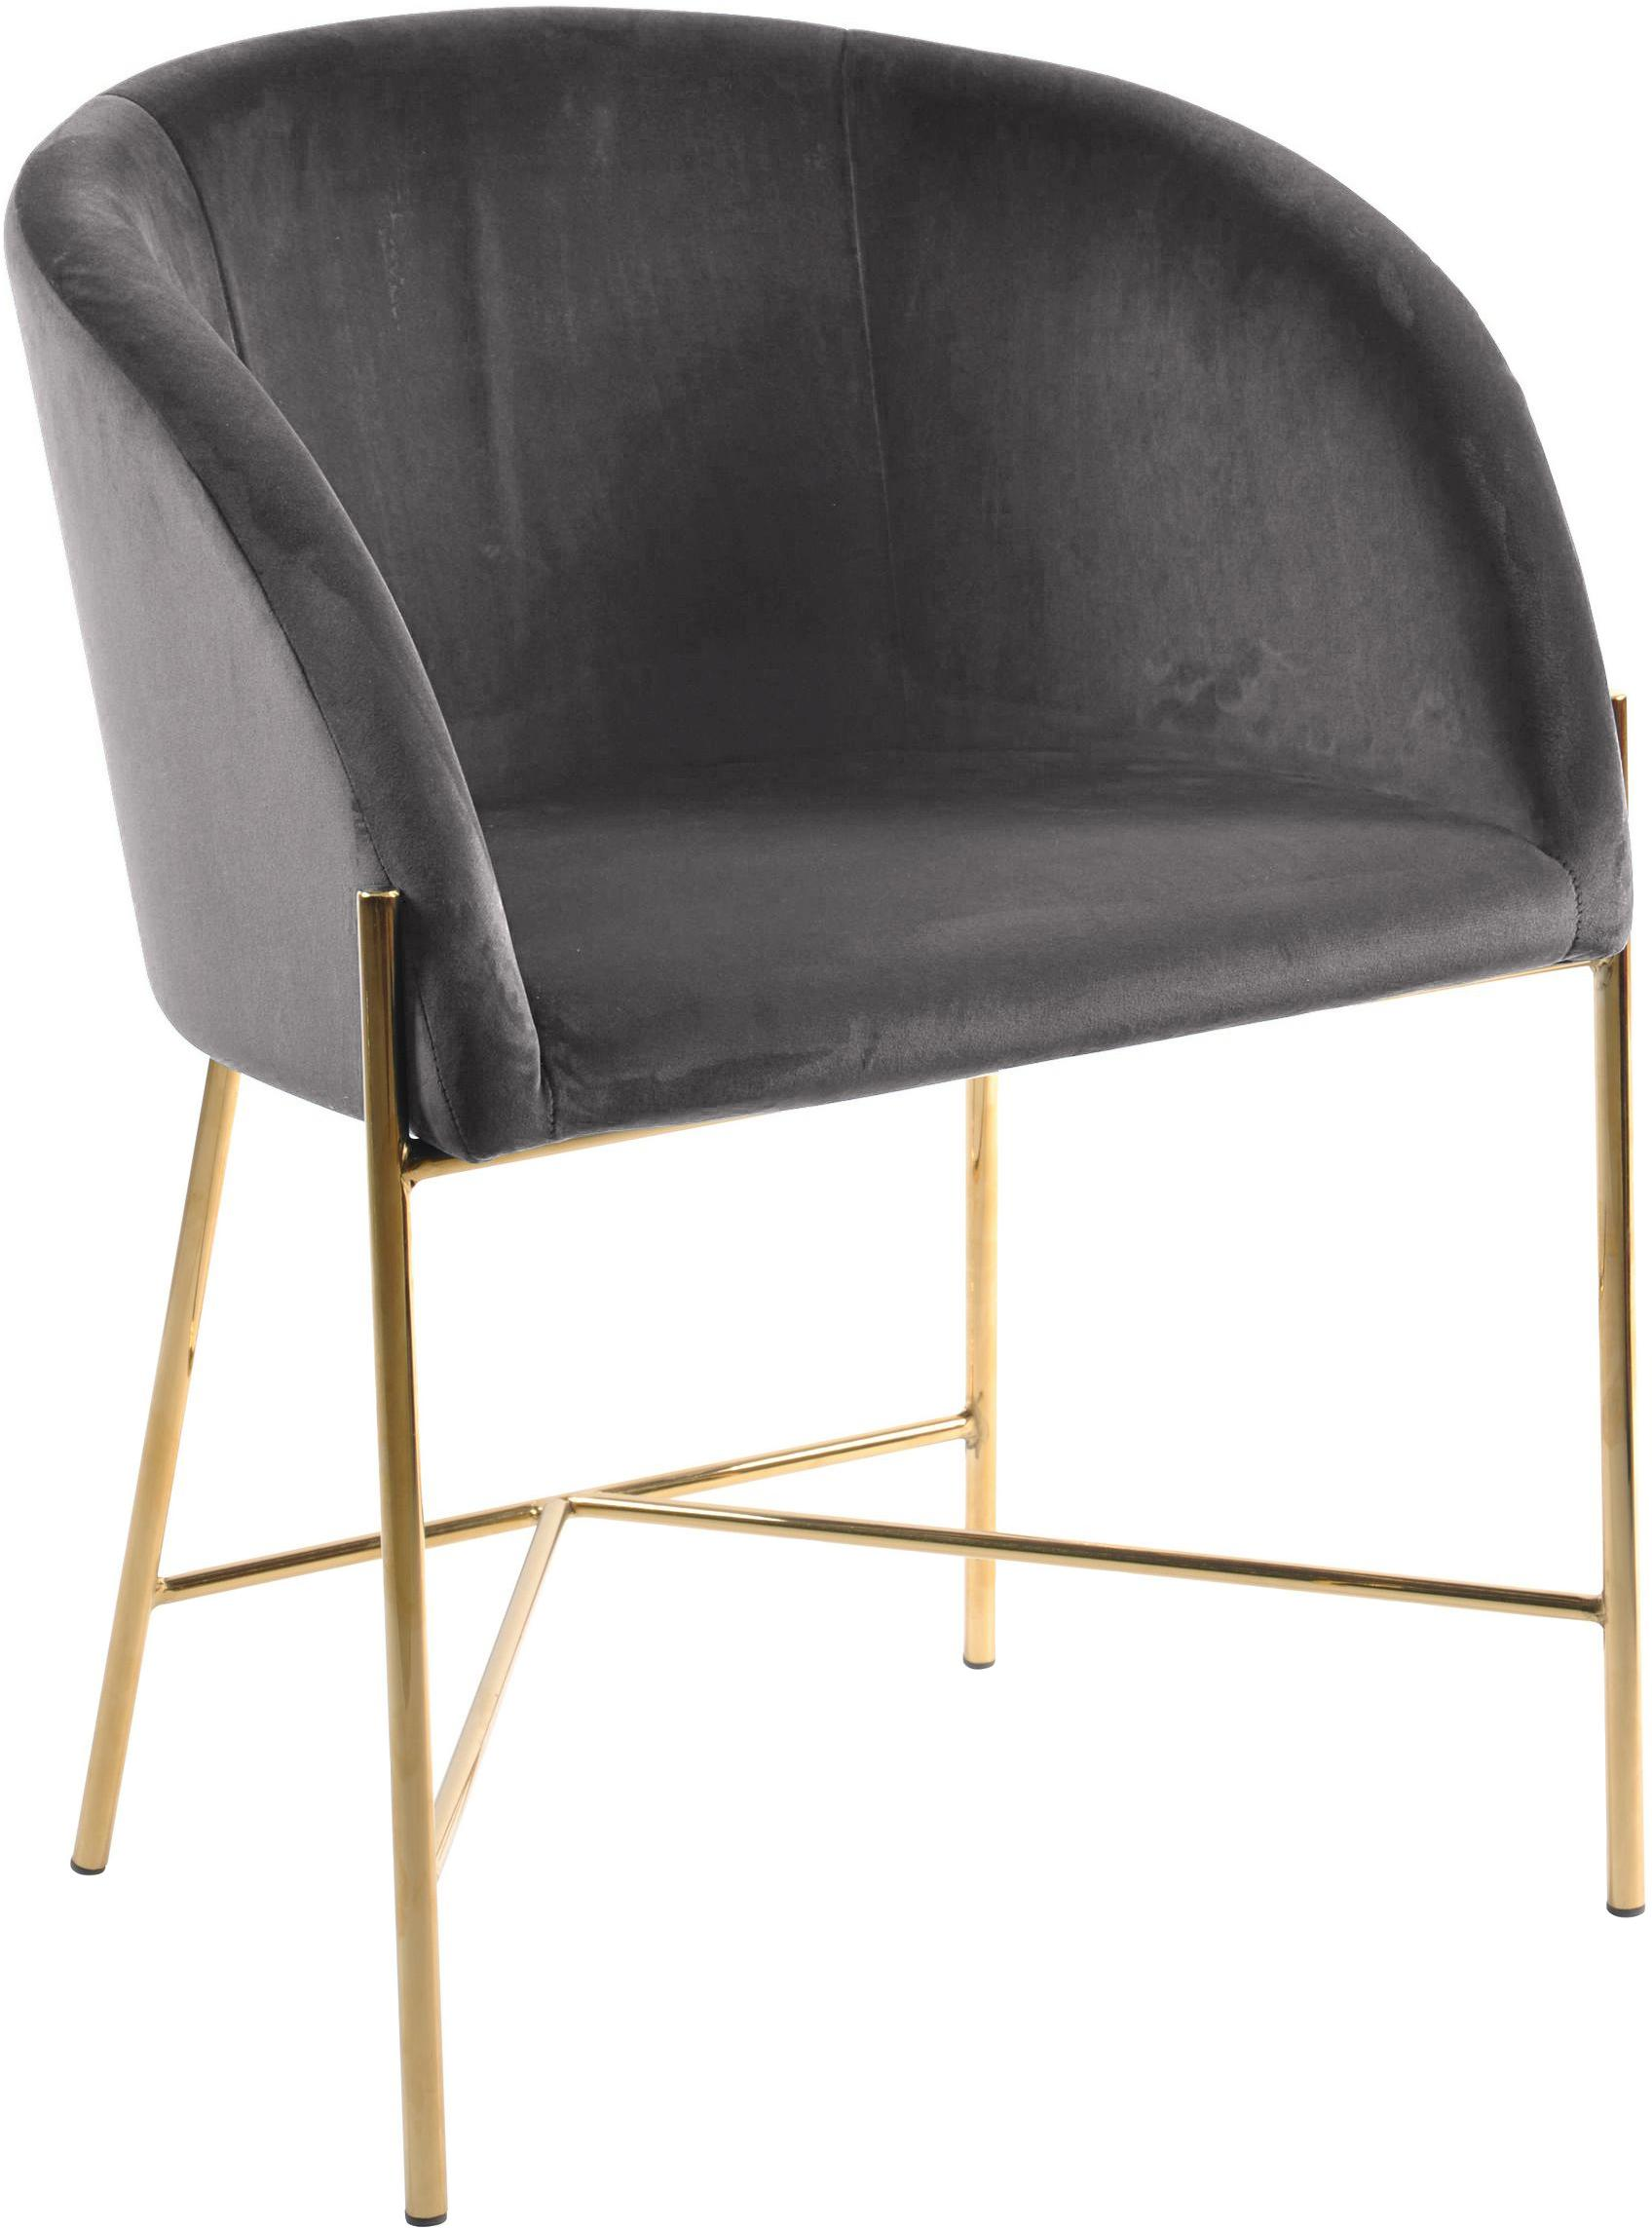 Krzesło z podłokietnikami z aksamitu Nelson, Tapicerka: aksamit poliestrowy 2500, Nogi: metal mosiądzowany, Aksamitny ciemny szary, nogi złoty, S 56 x G 55 cm